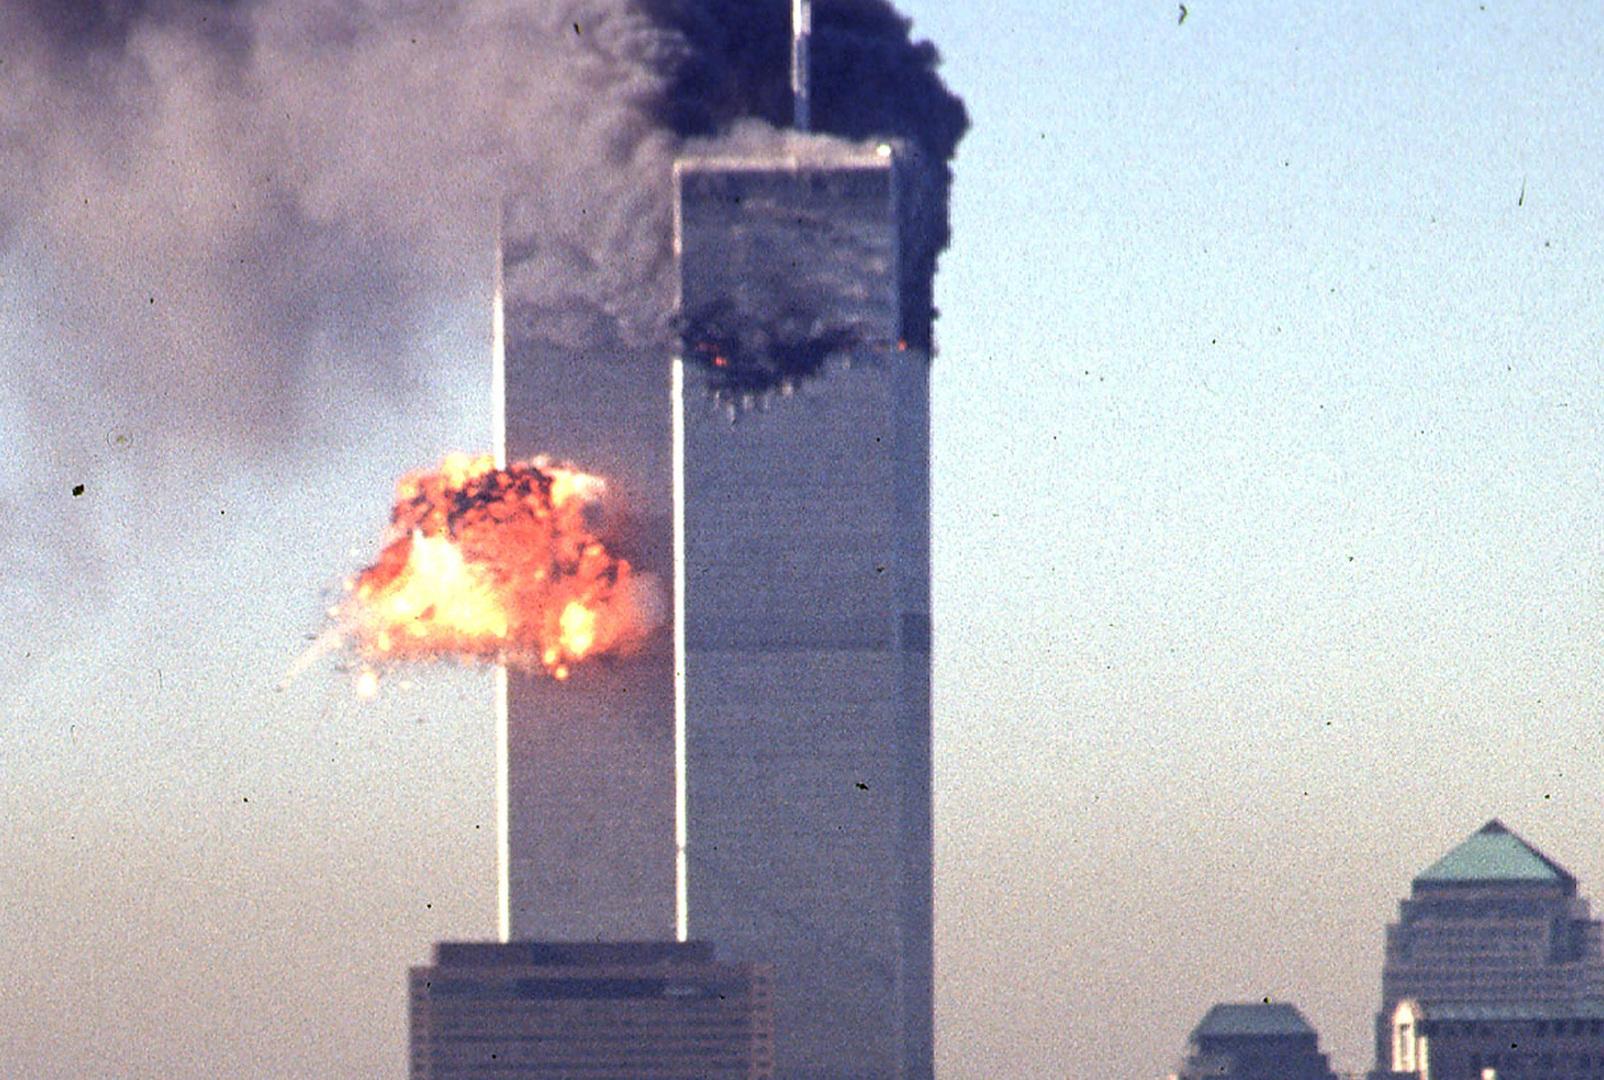 قاضية أمريكية تطالب باستجواب 24 سعوديا في قضية 11 سبتمبر